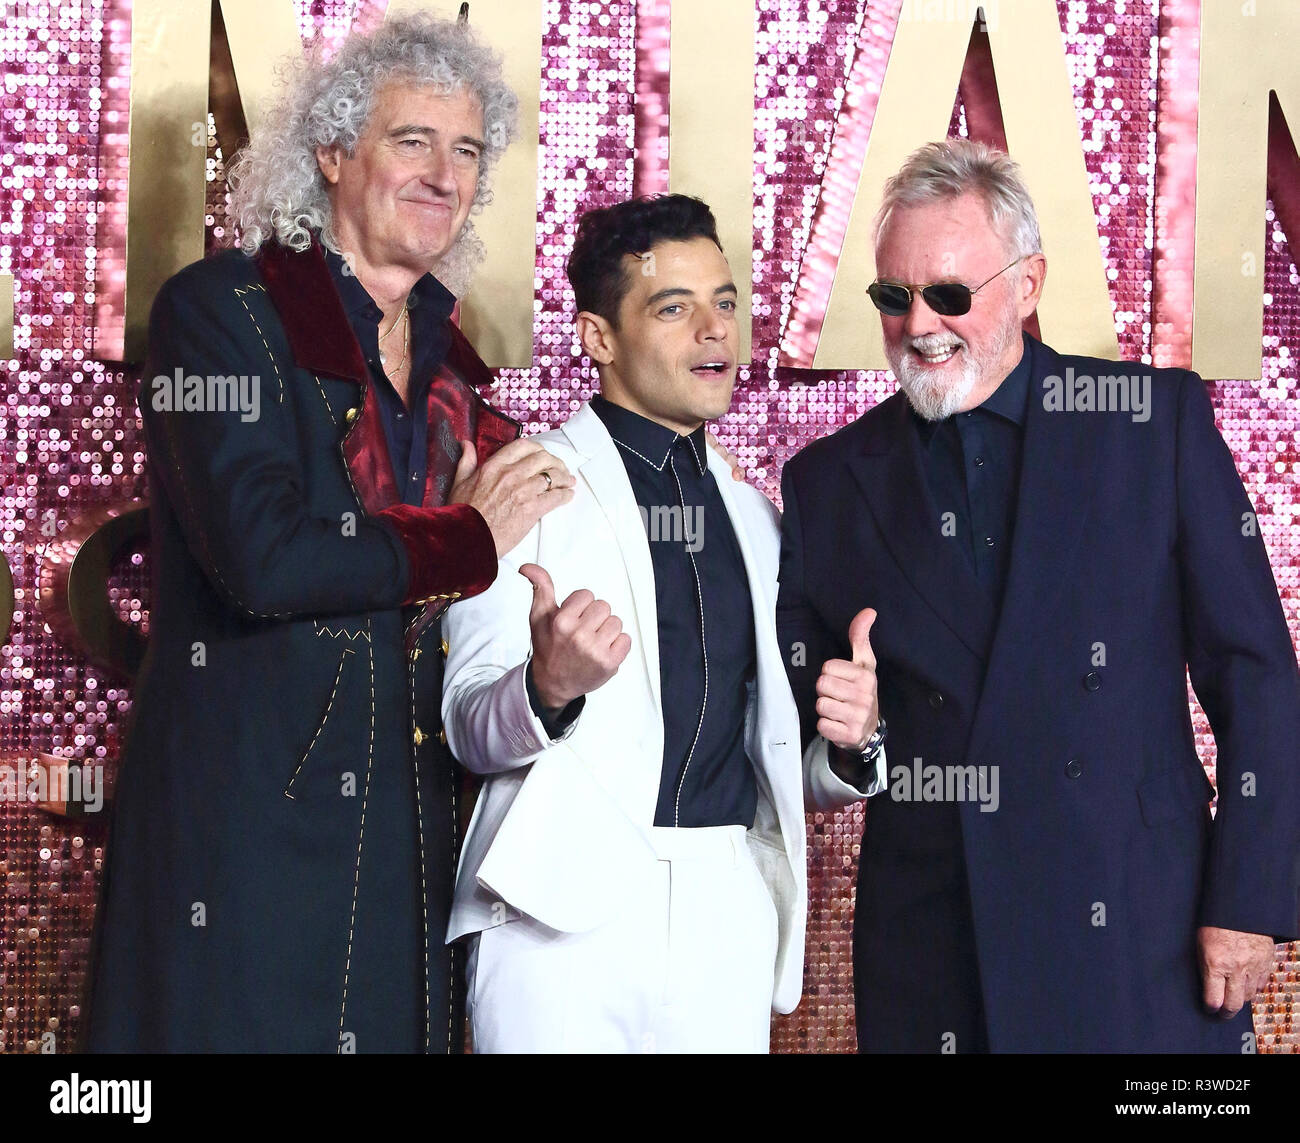 Bohemian Rhapsody estreno británico en el SSE Wembley Arena, Londres con: Brian May, Rami Malek, Roger Taylor donde: Londres, Reino Unido cuando: 23 Oct 2018 Crédito: WENN.com Imagen De Stock